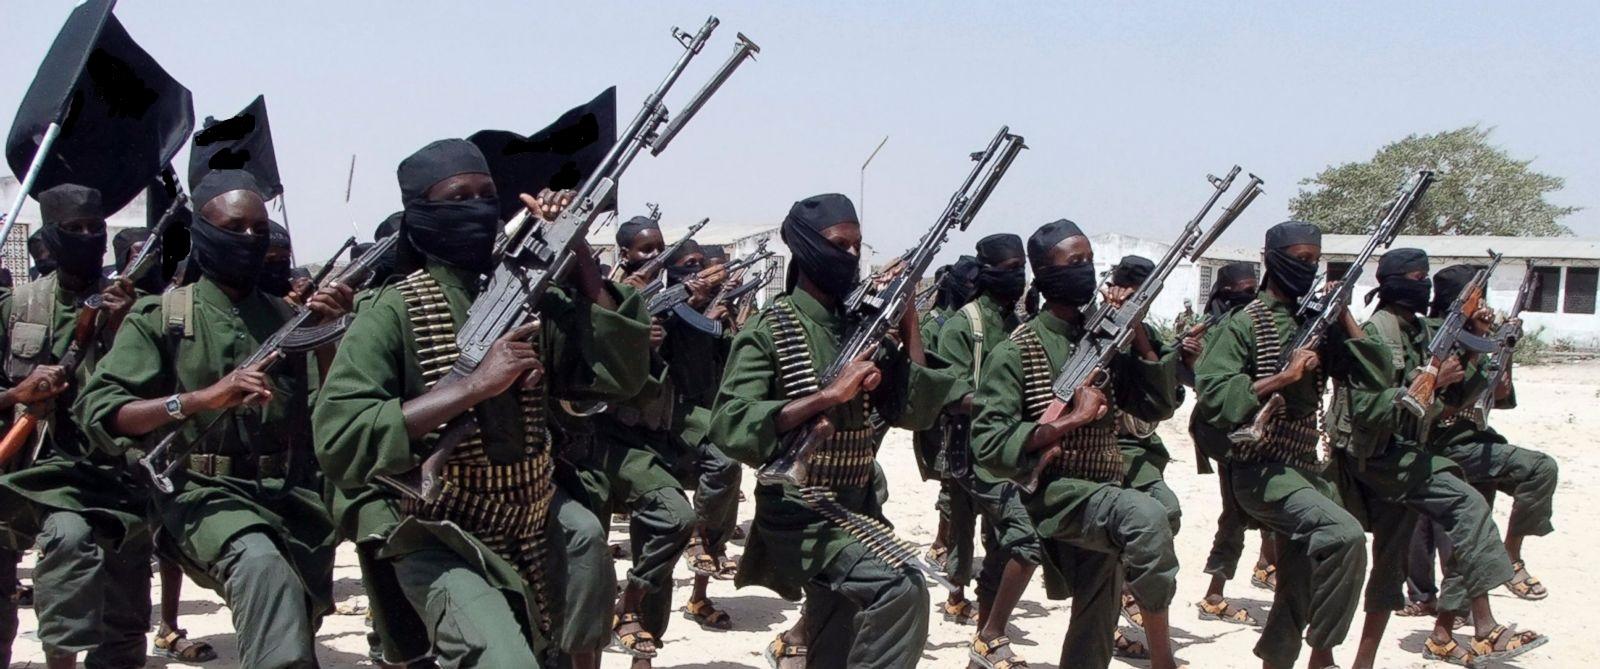 Biden's America Is Back - To Somalia